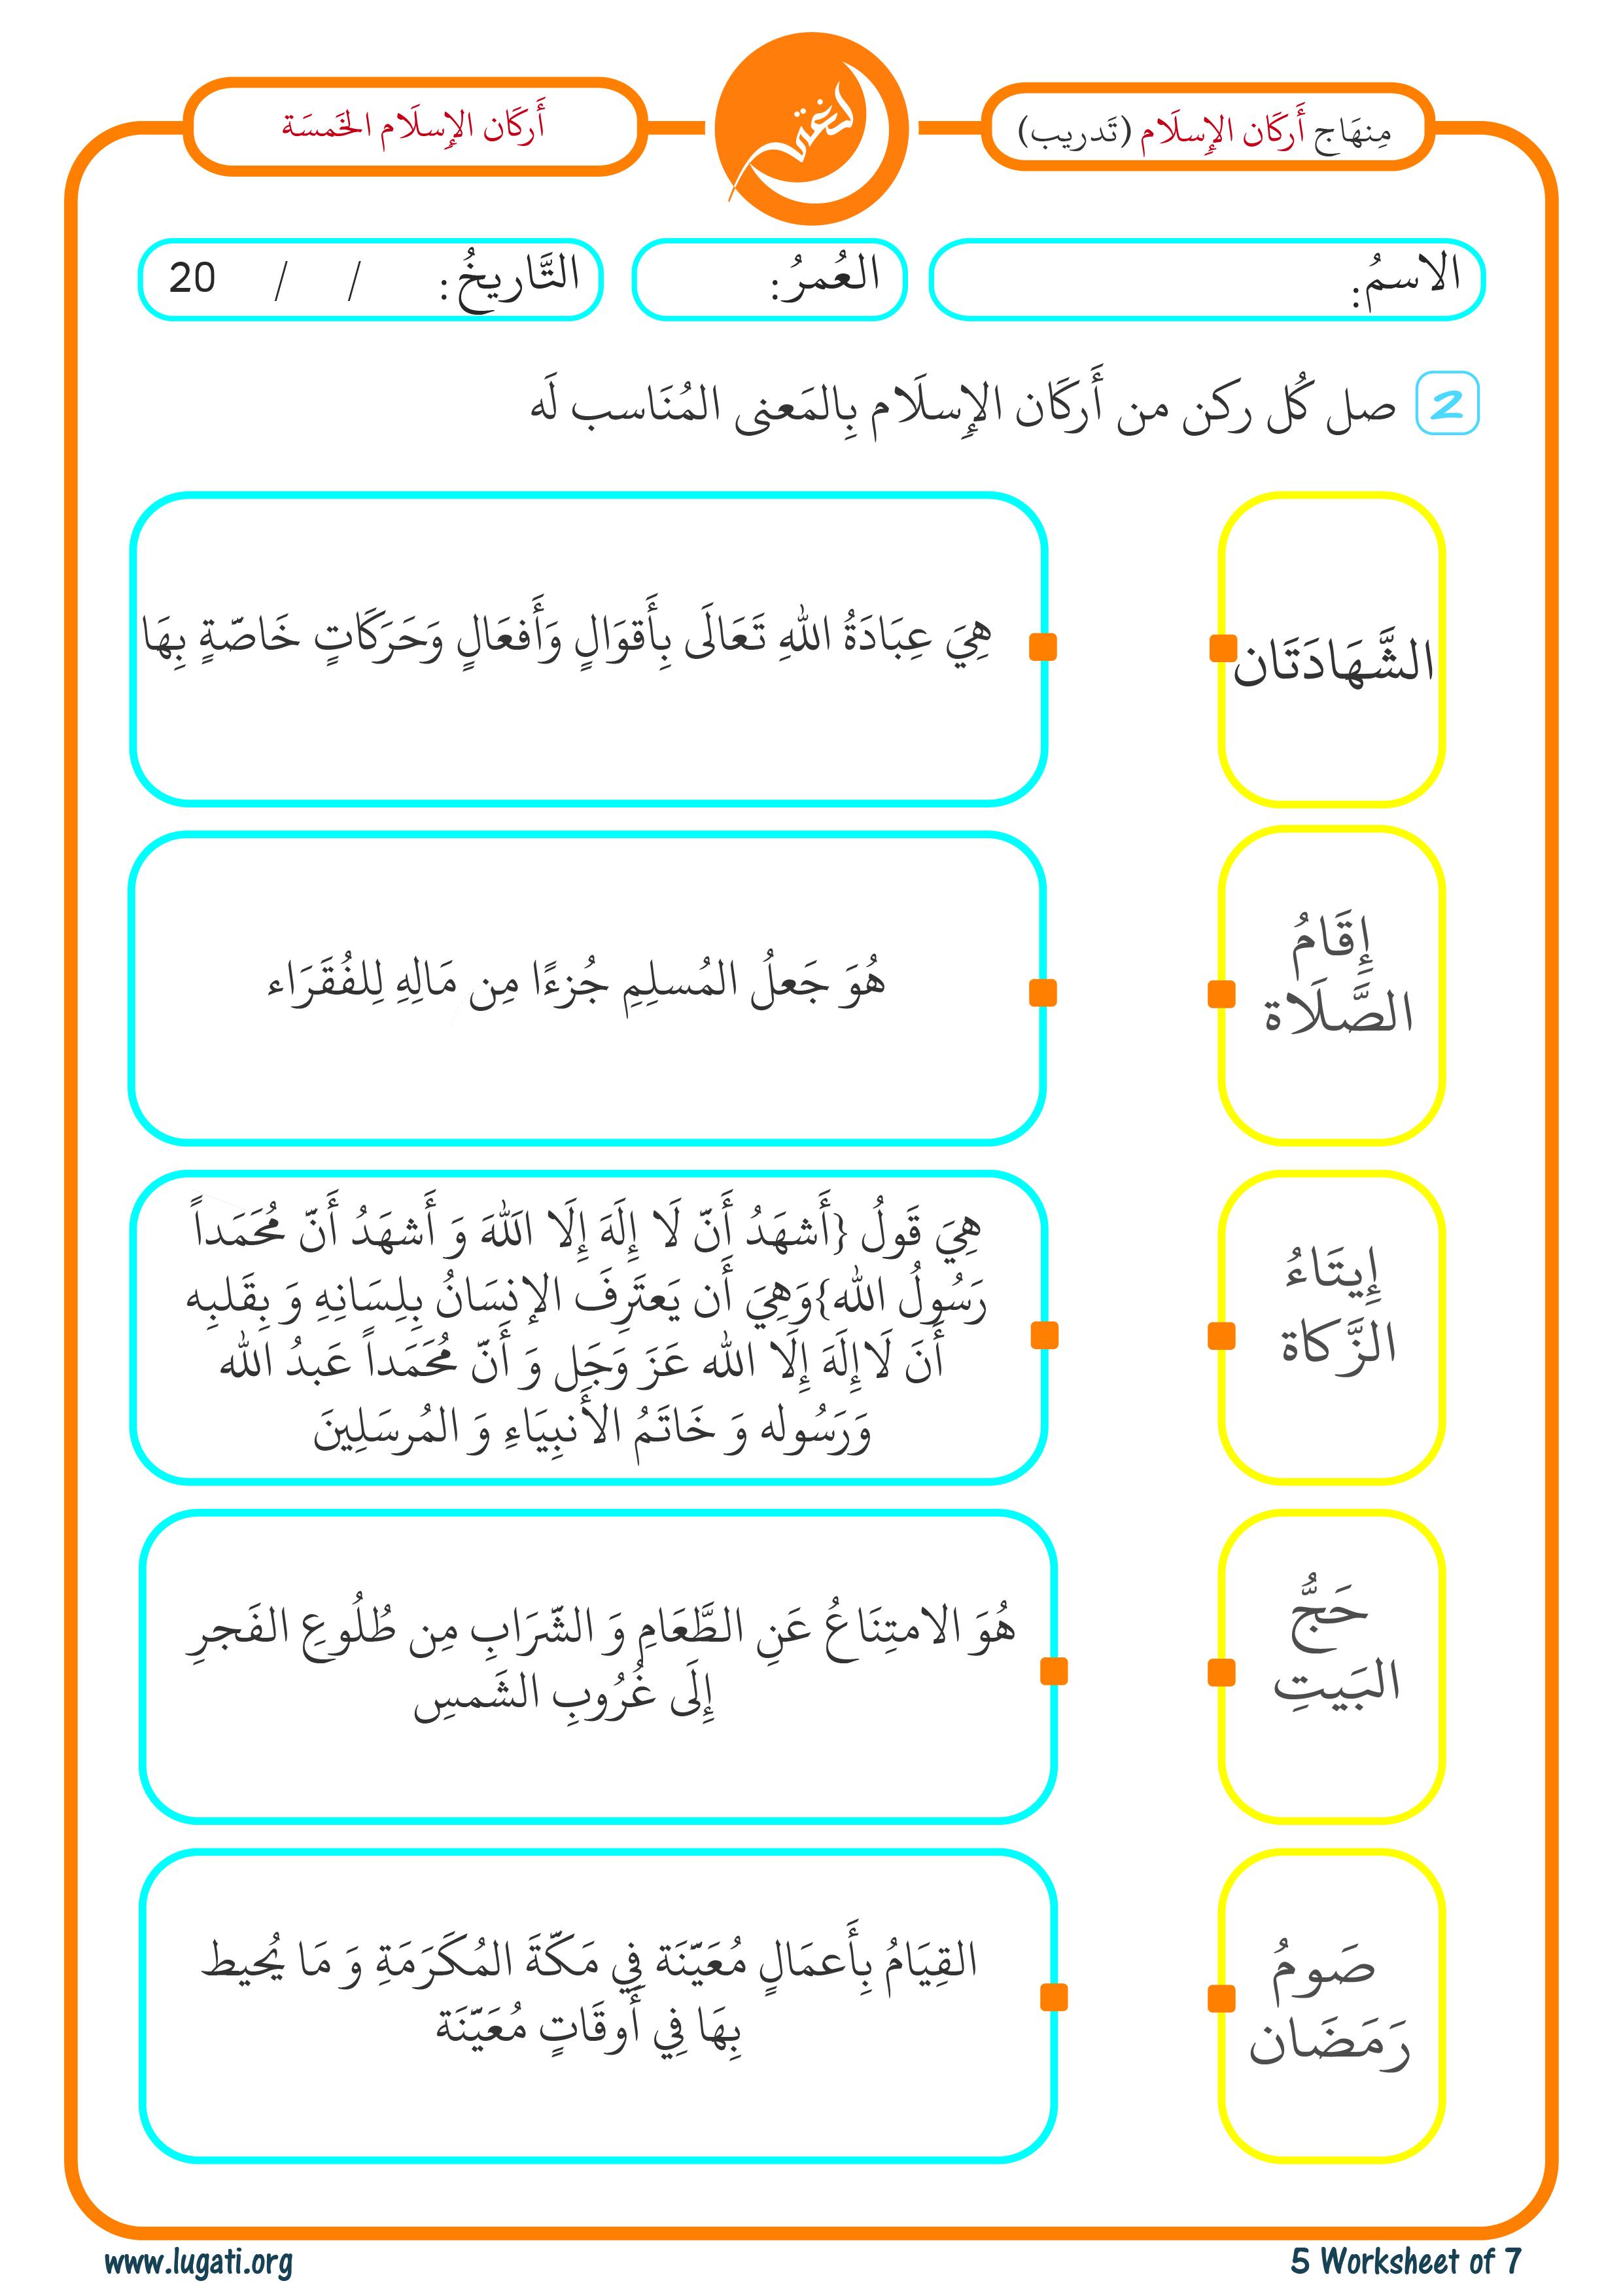 أركان الإسلام5